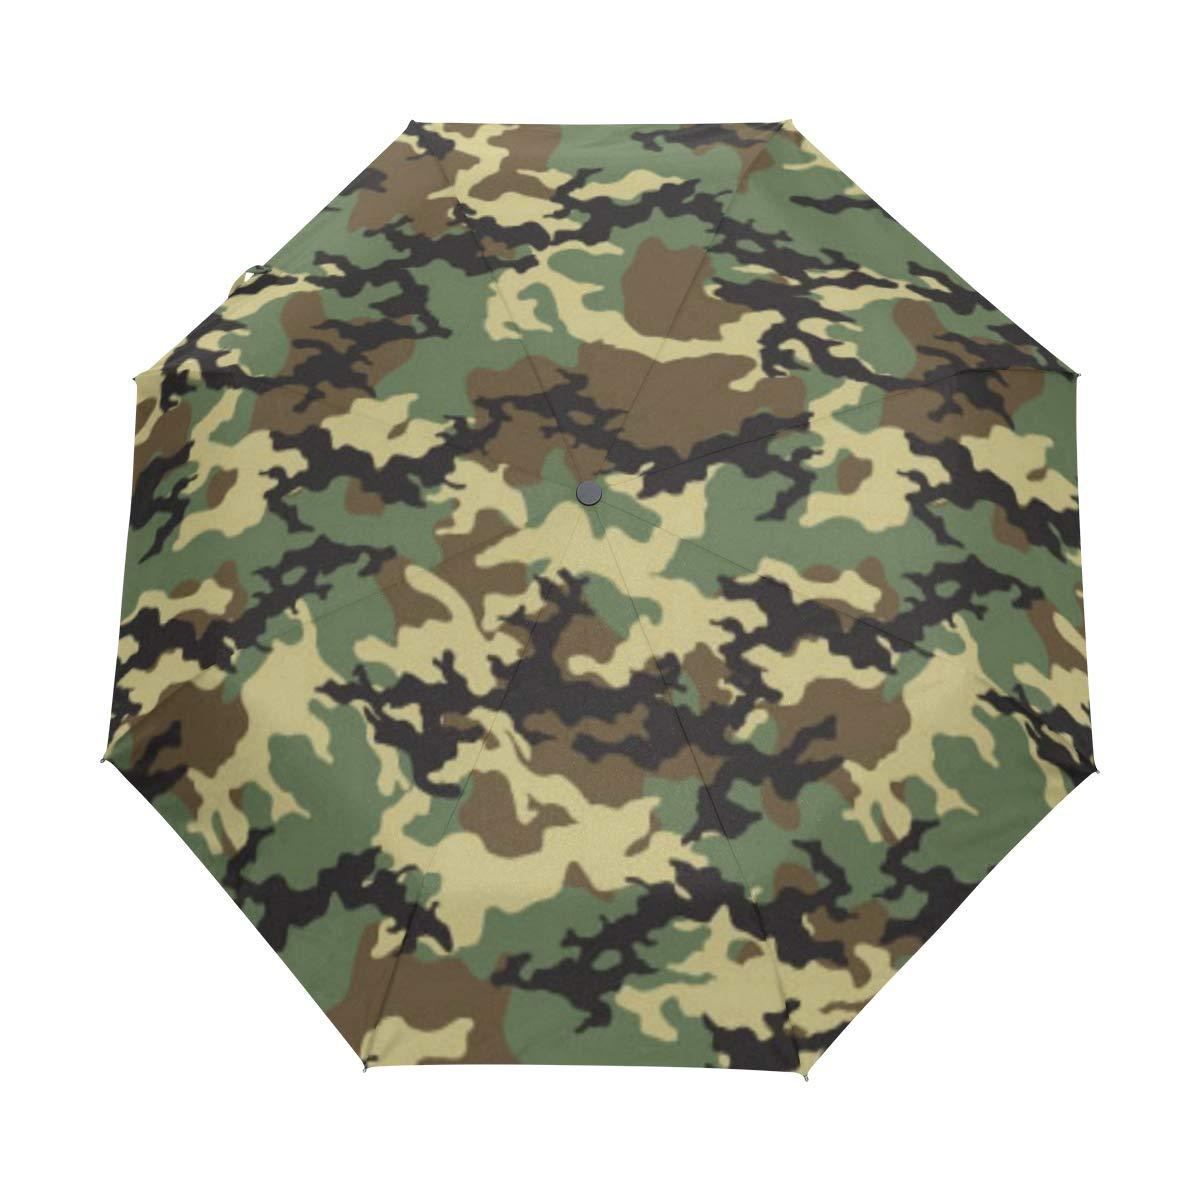 XLING 自動傘 カラフル カモフラージュ 迷彩 滑り止め 防風 コンパクト 雨傘 男女兼用 男の子 子供用   B07KVK6D8L